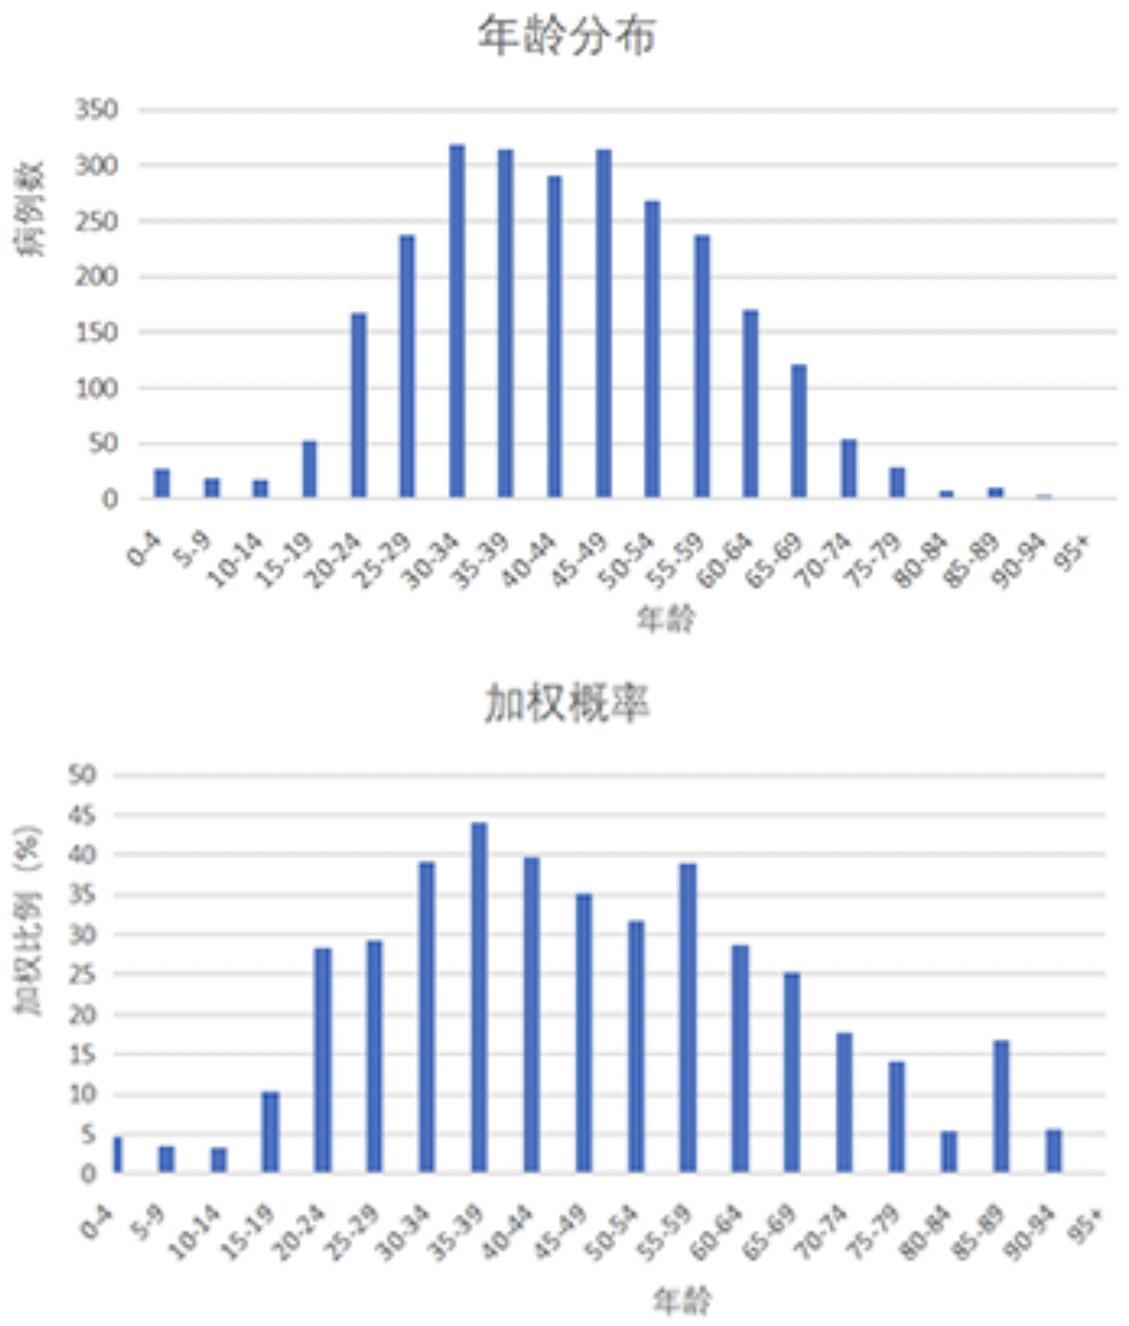 ▲图2.1 研究样今年龄漫衍 图2.2研究样本各年岁段权重